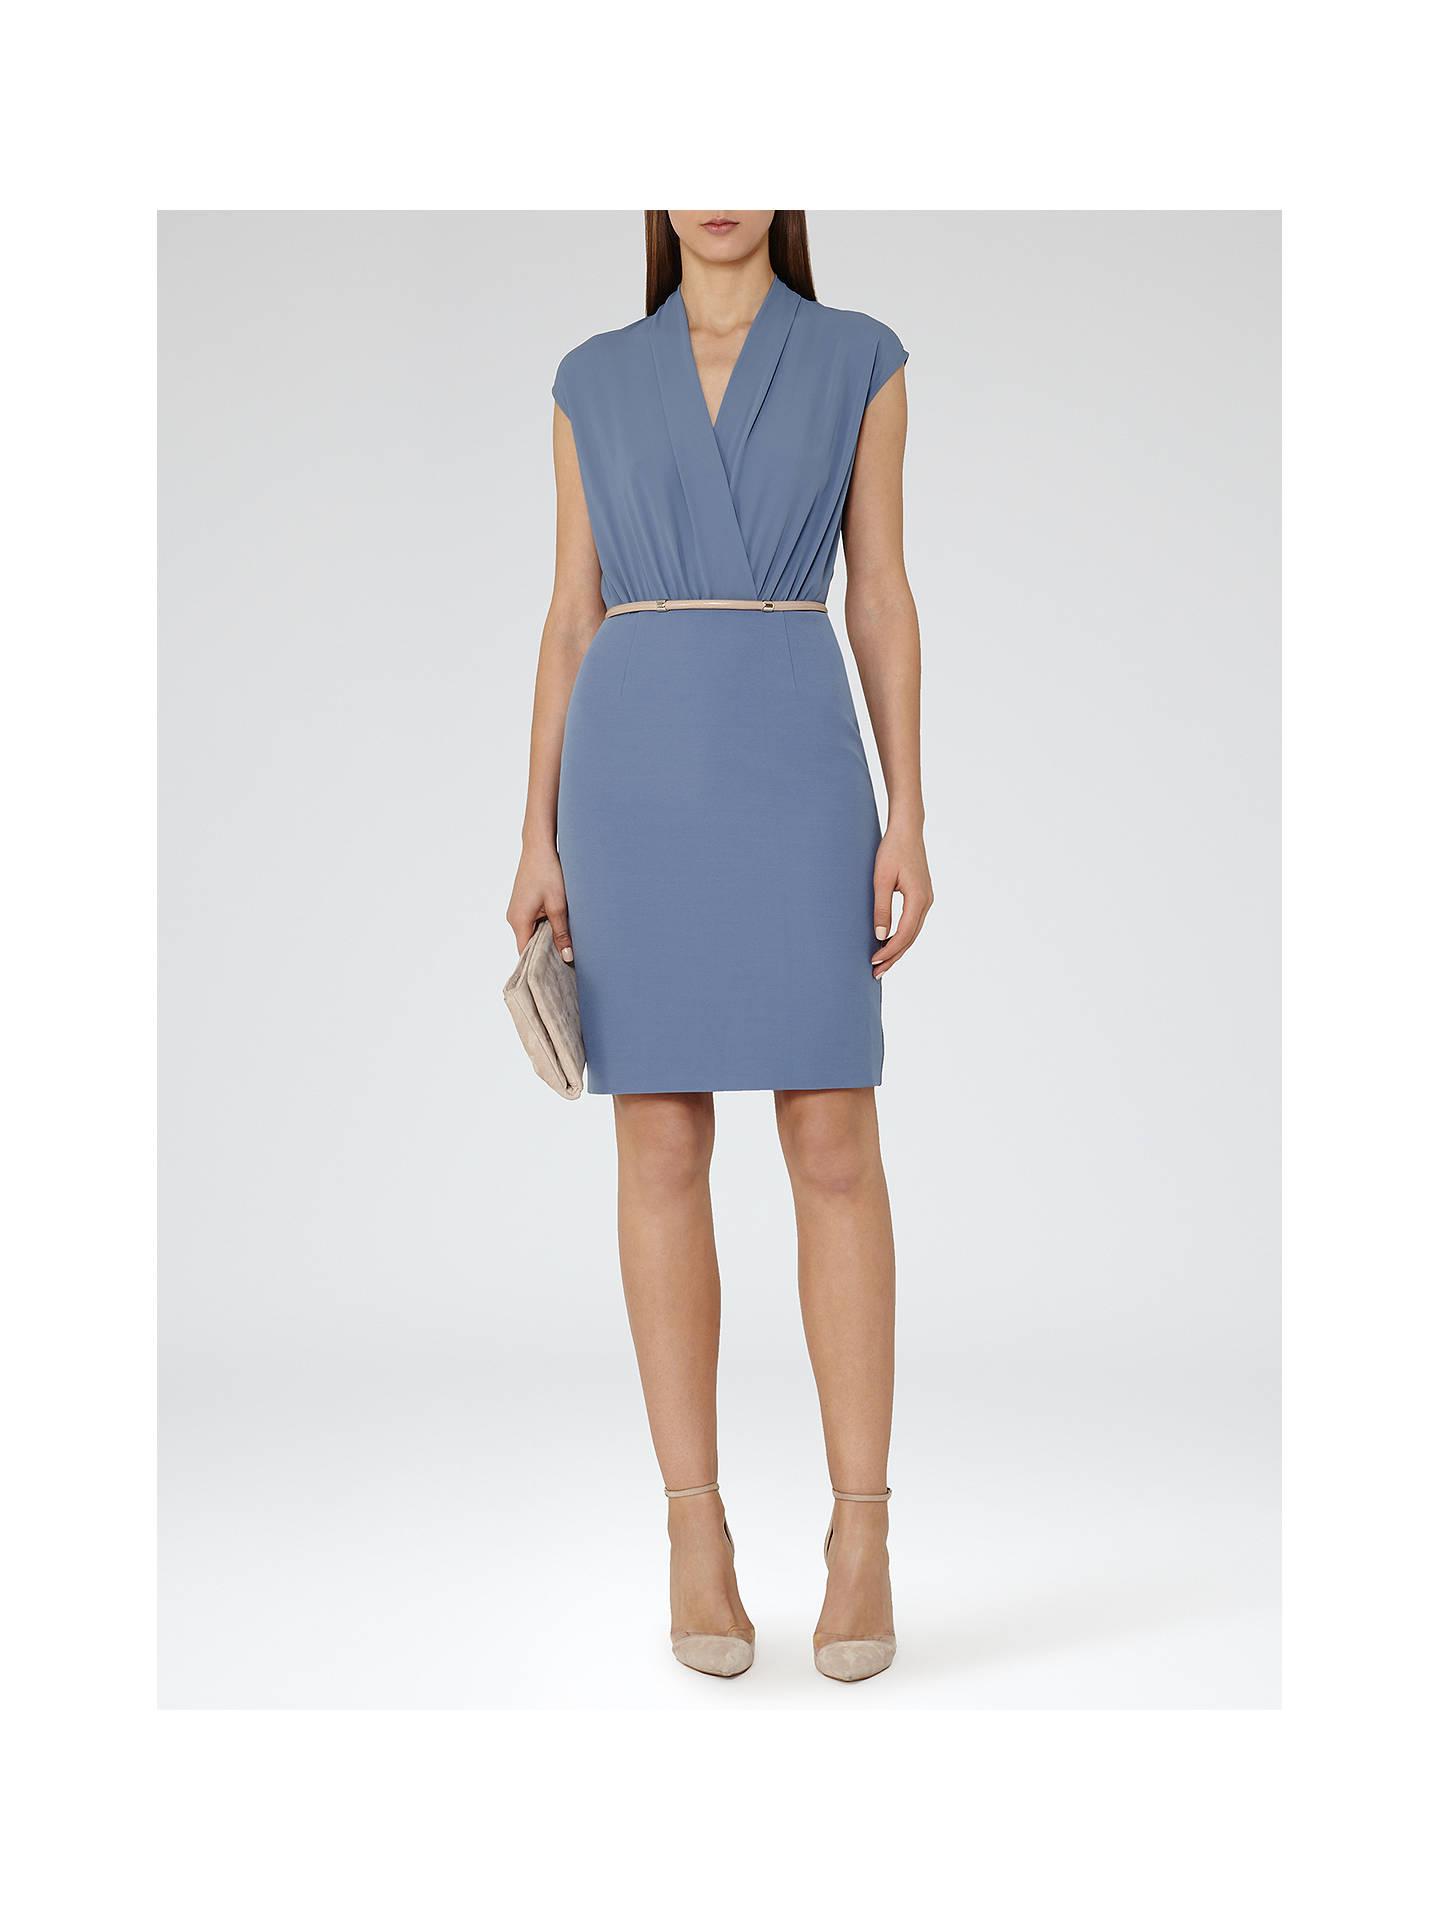 Reiss Warrick Wrap Top Dress Cornflower Blue At John